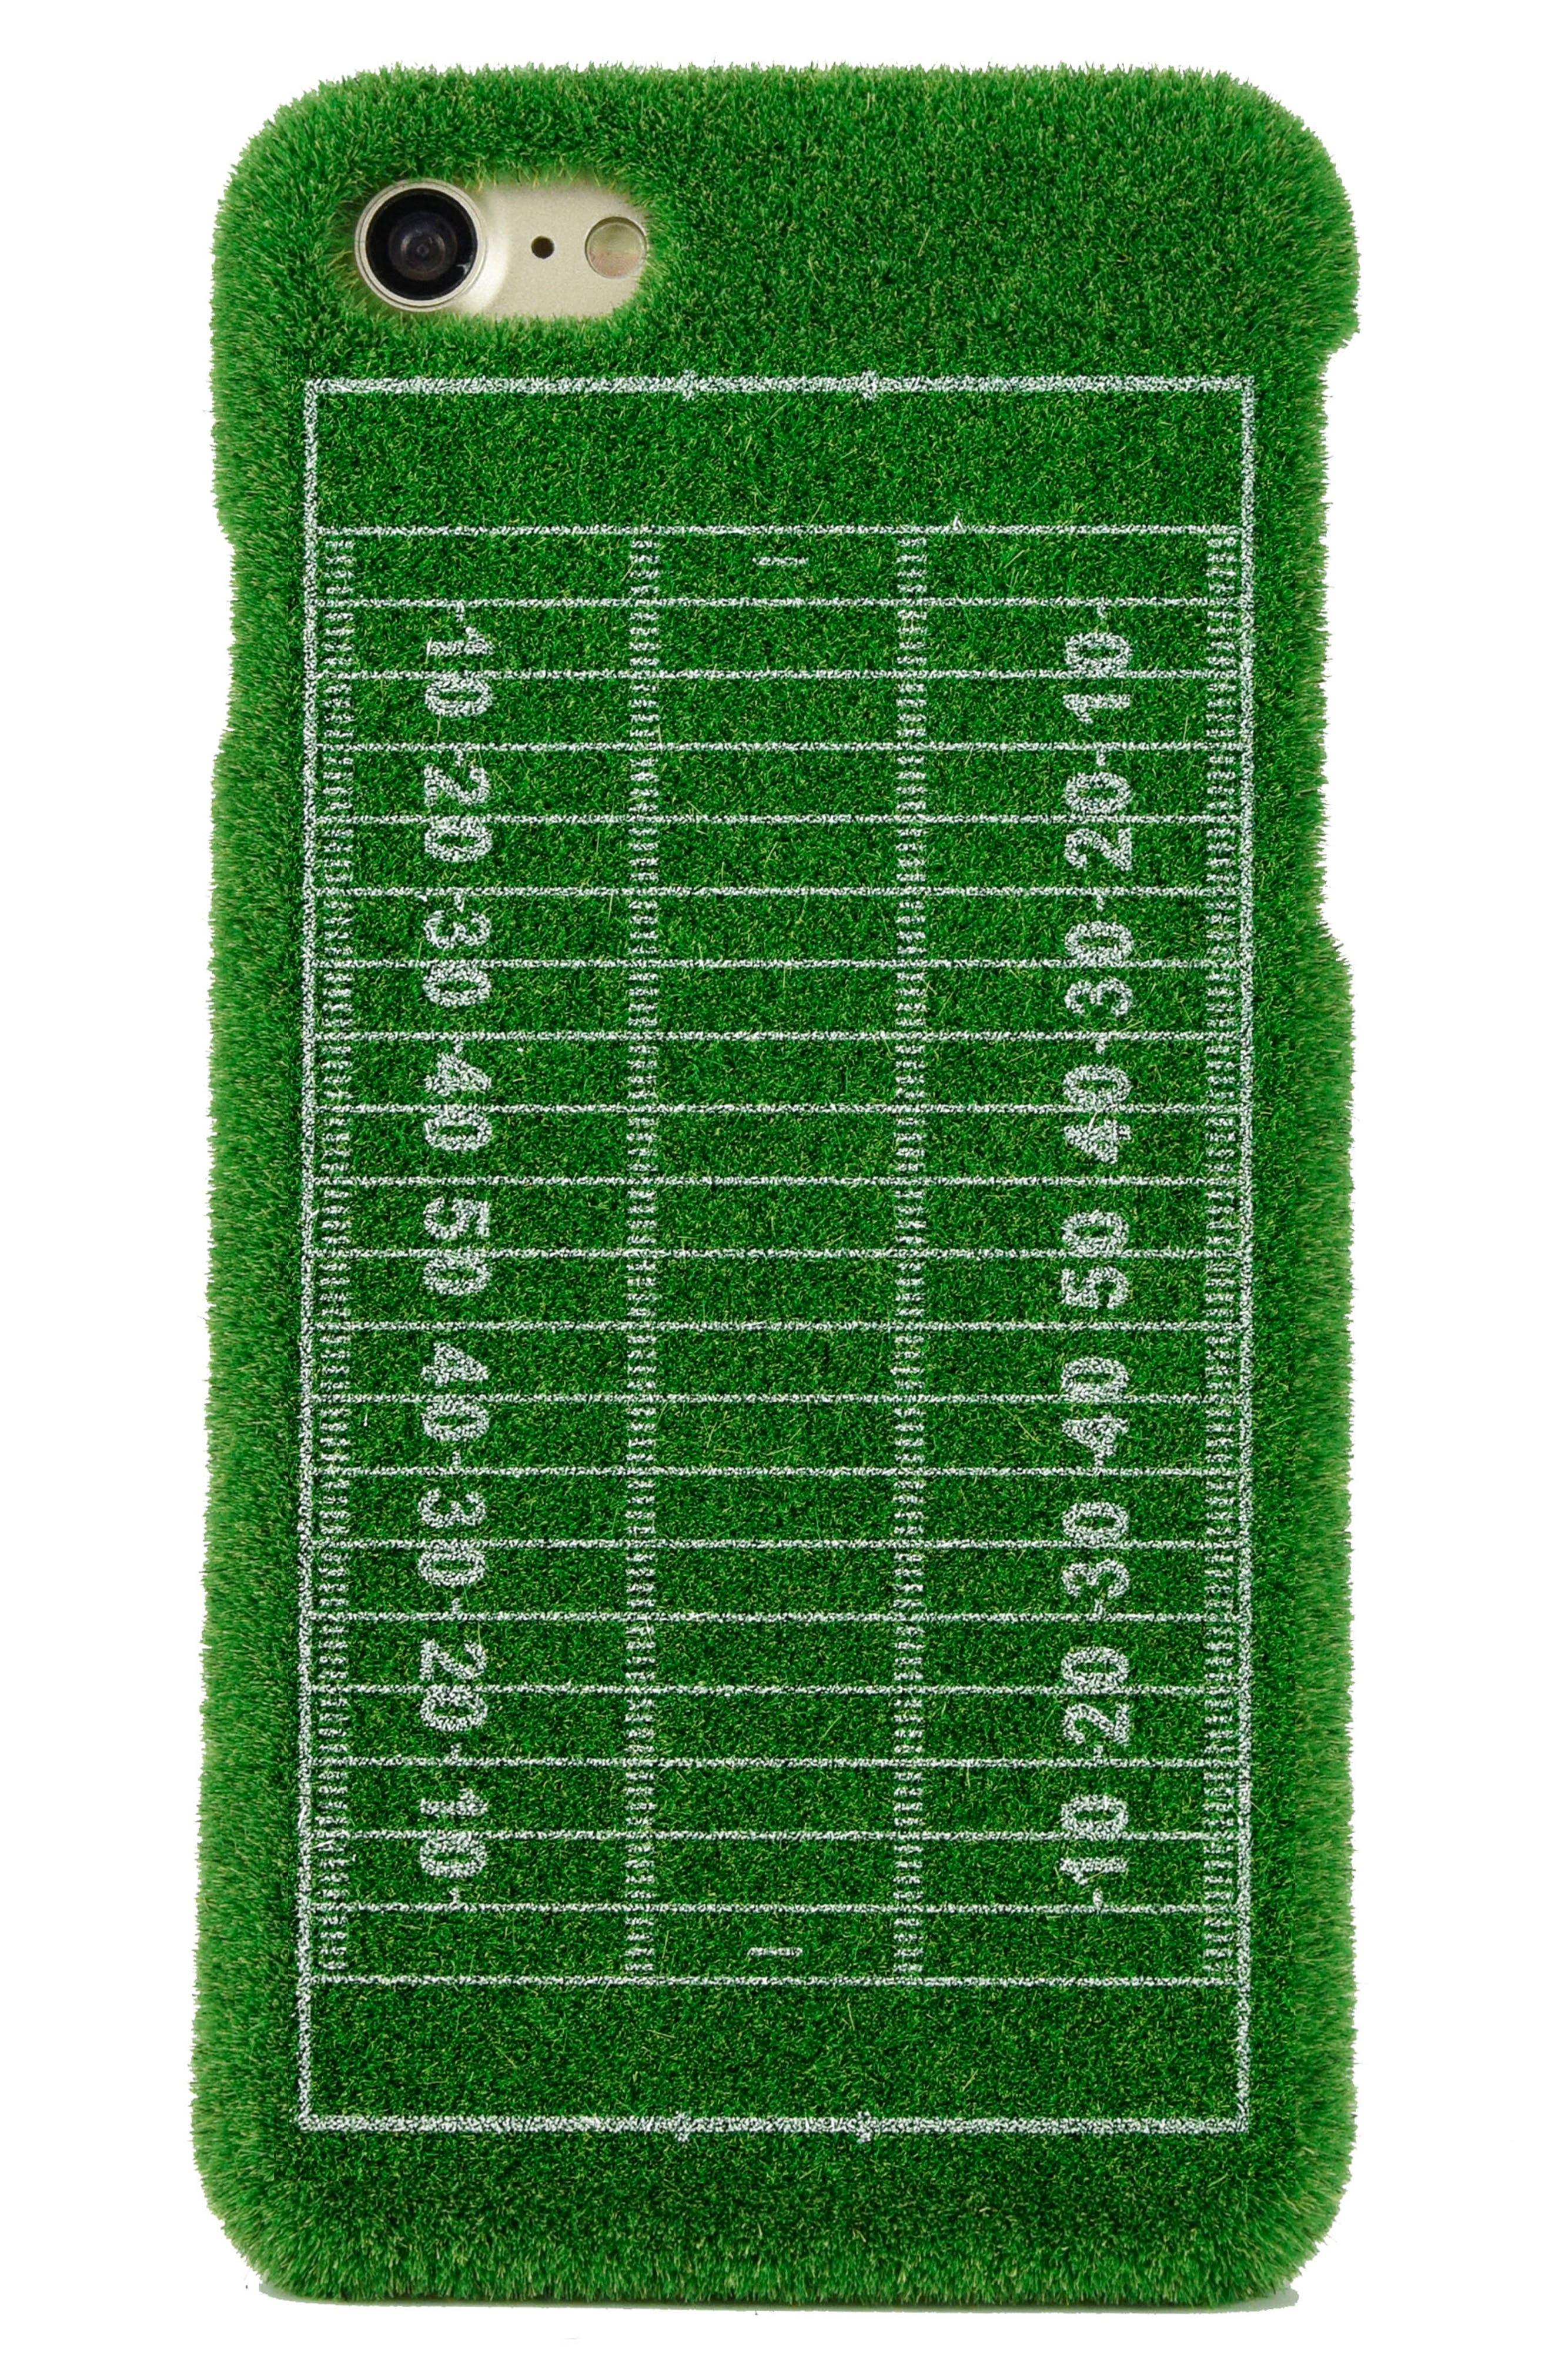 Super Bowl Portable Park iPhone 7 & iPhone 7 Plus Case,                             Alternate thumbnail 2, color,                             300